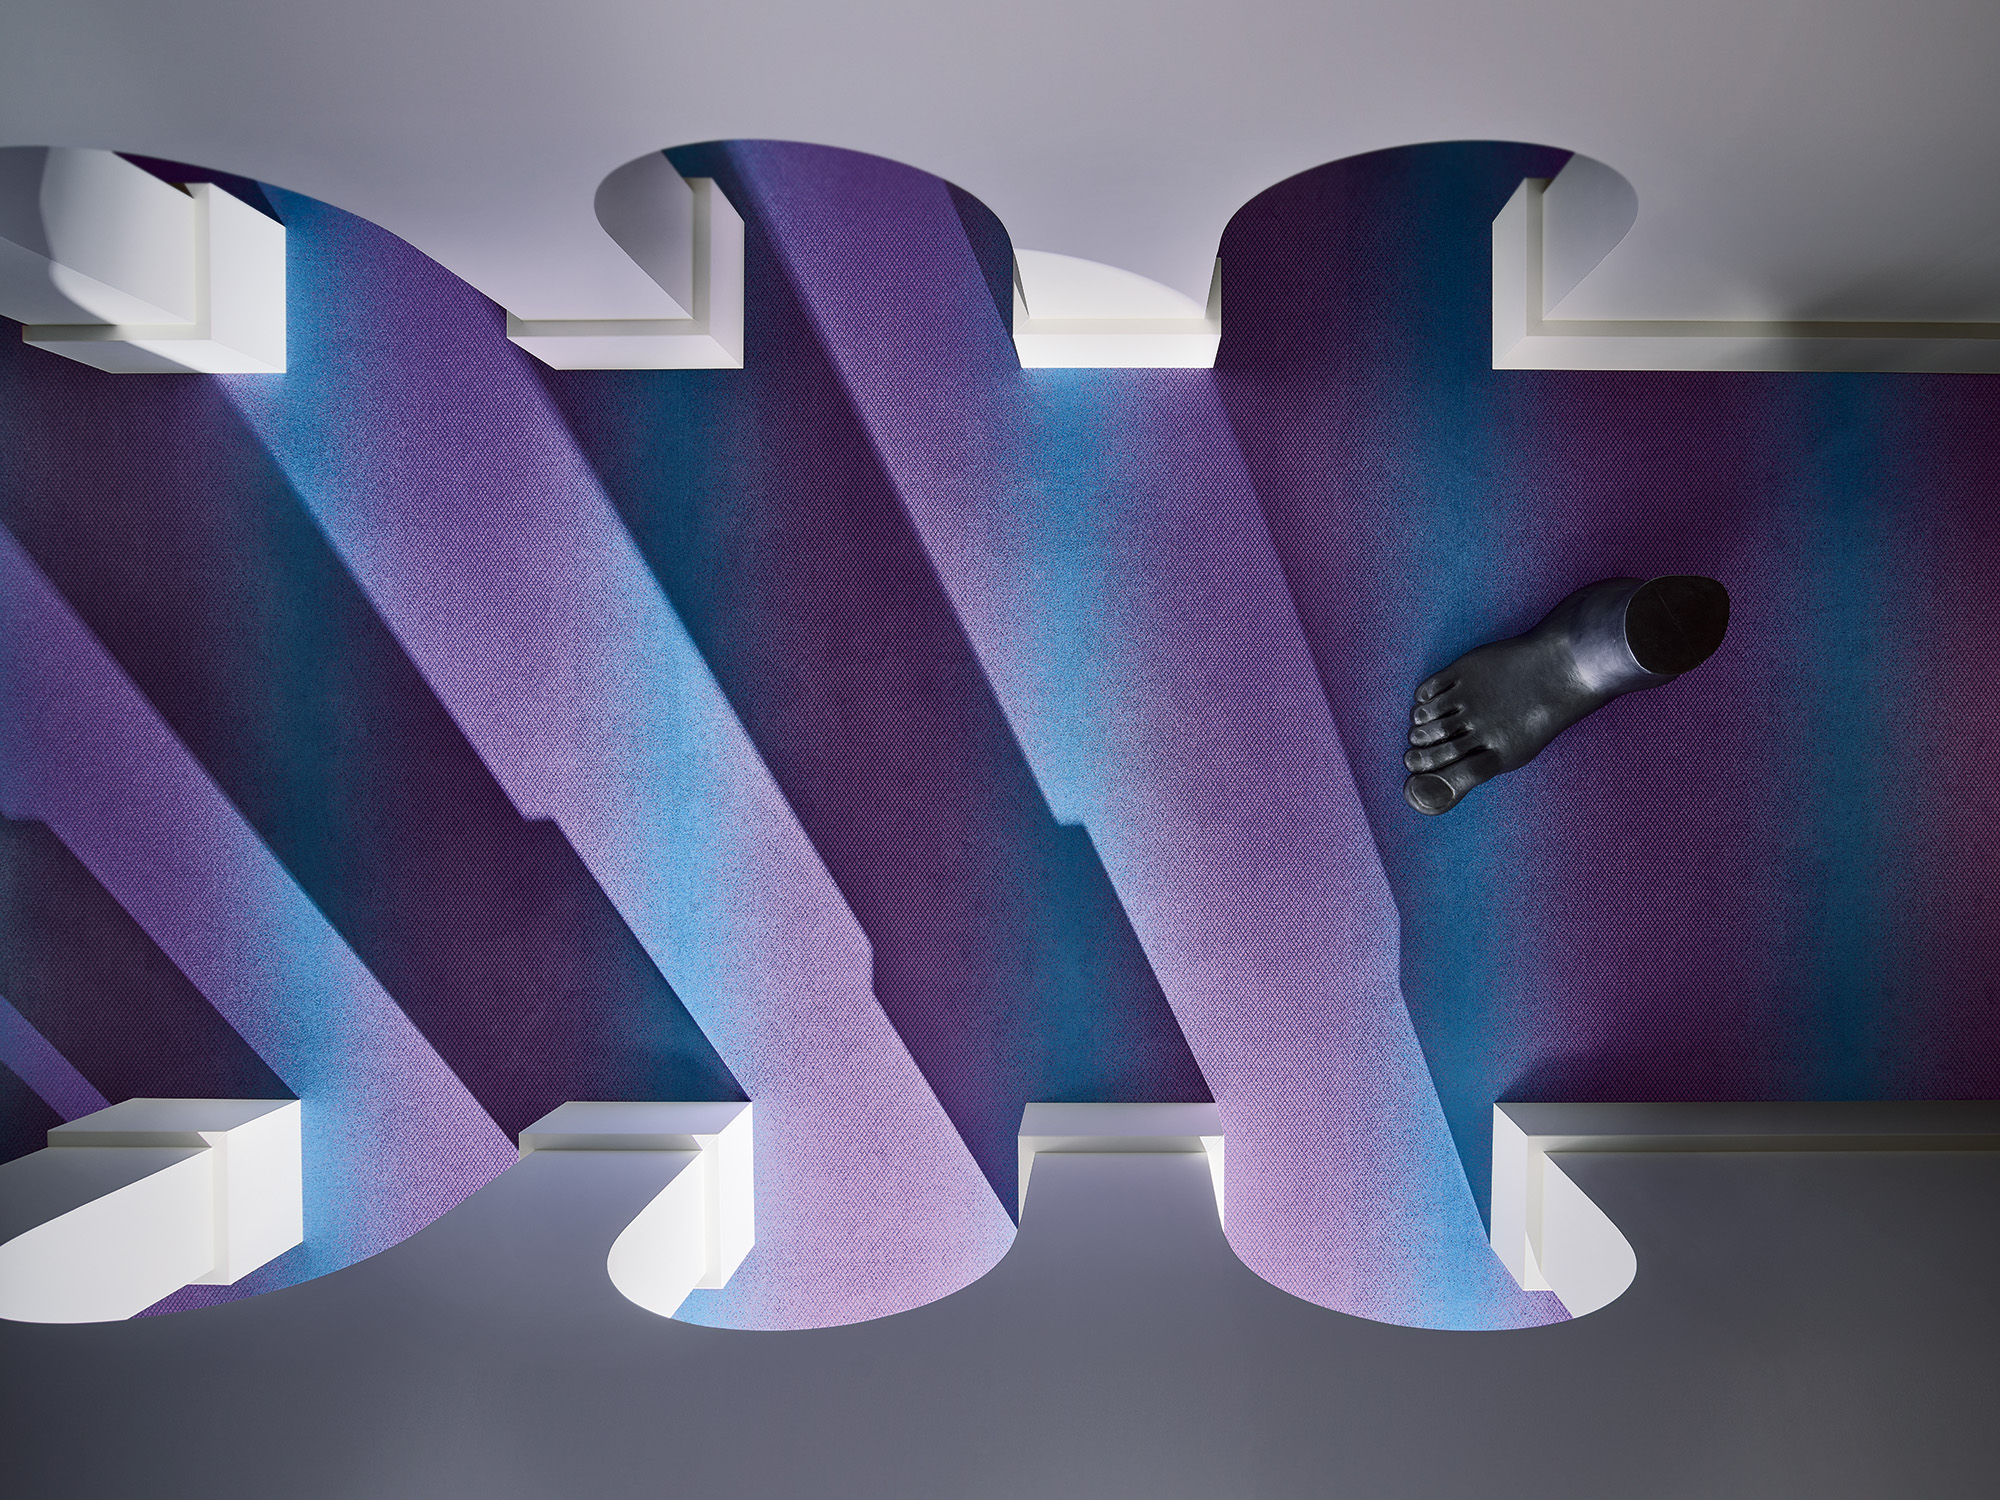 Vorwerk_Superior_1020_Kunsthalle_Raum_4311-2_RGB-2